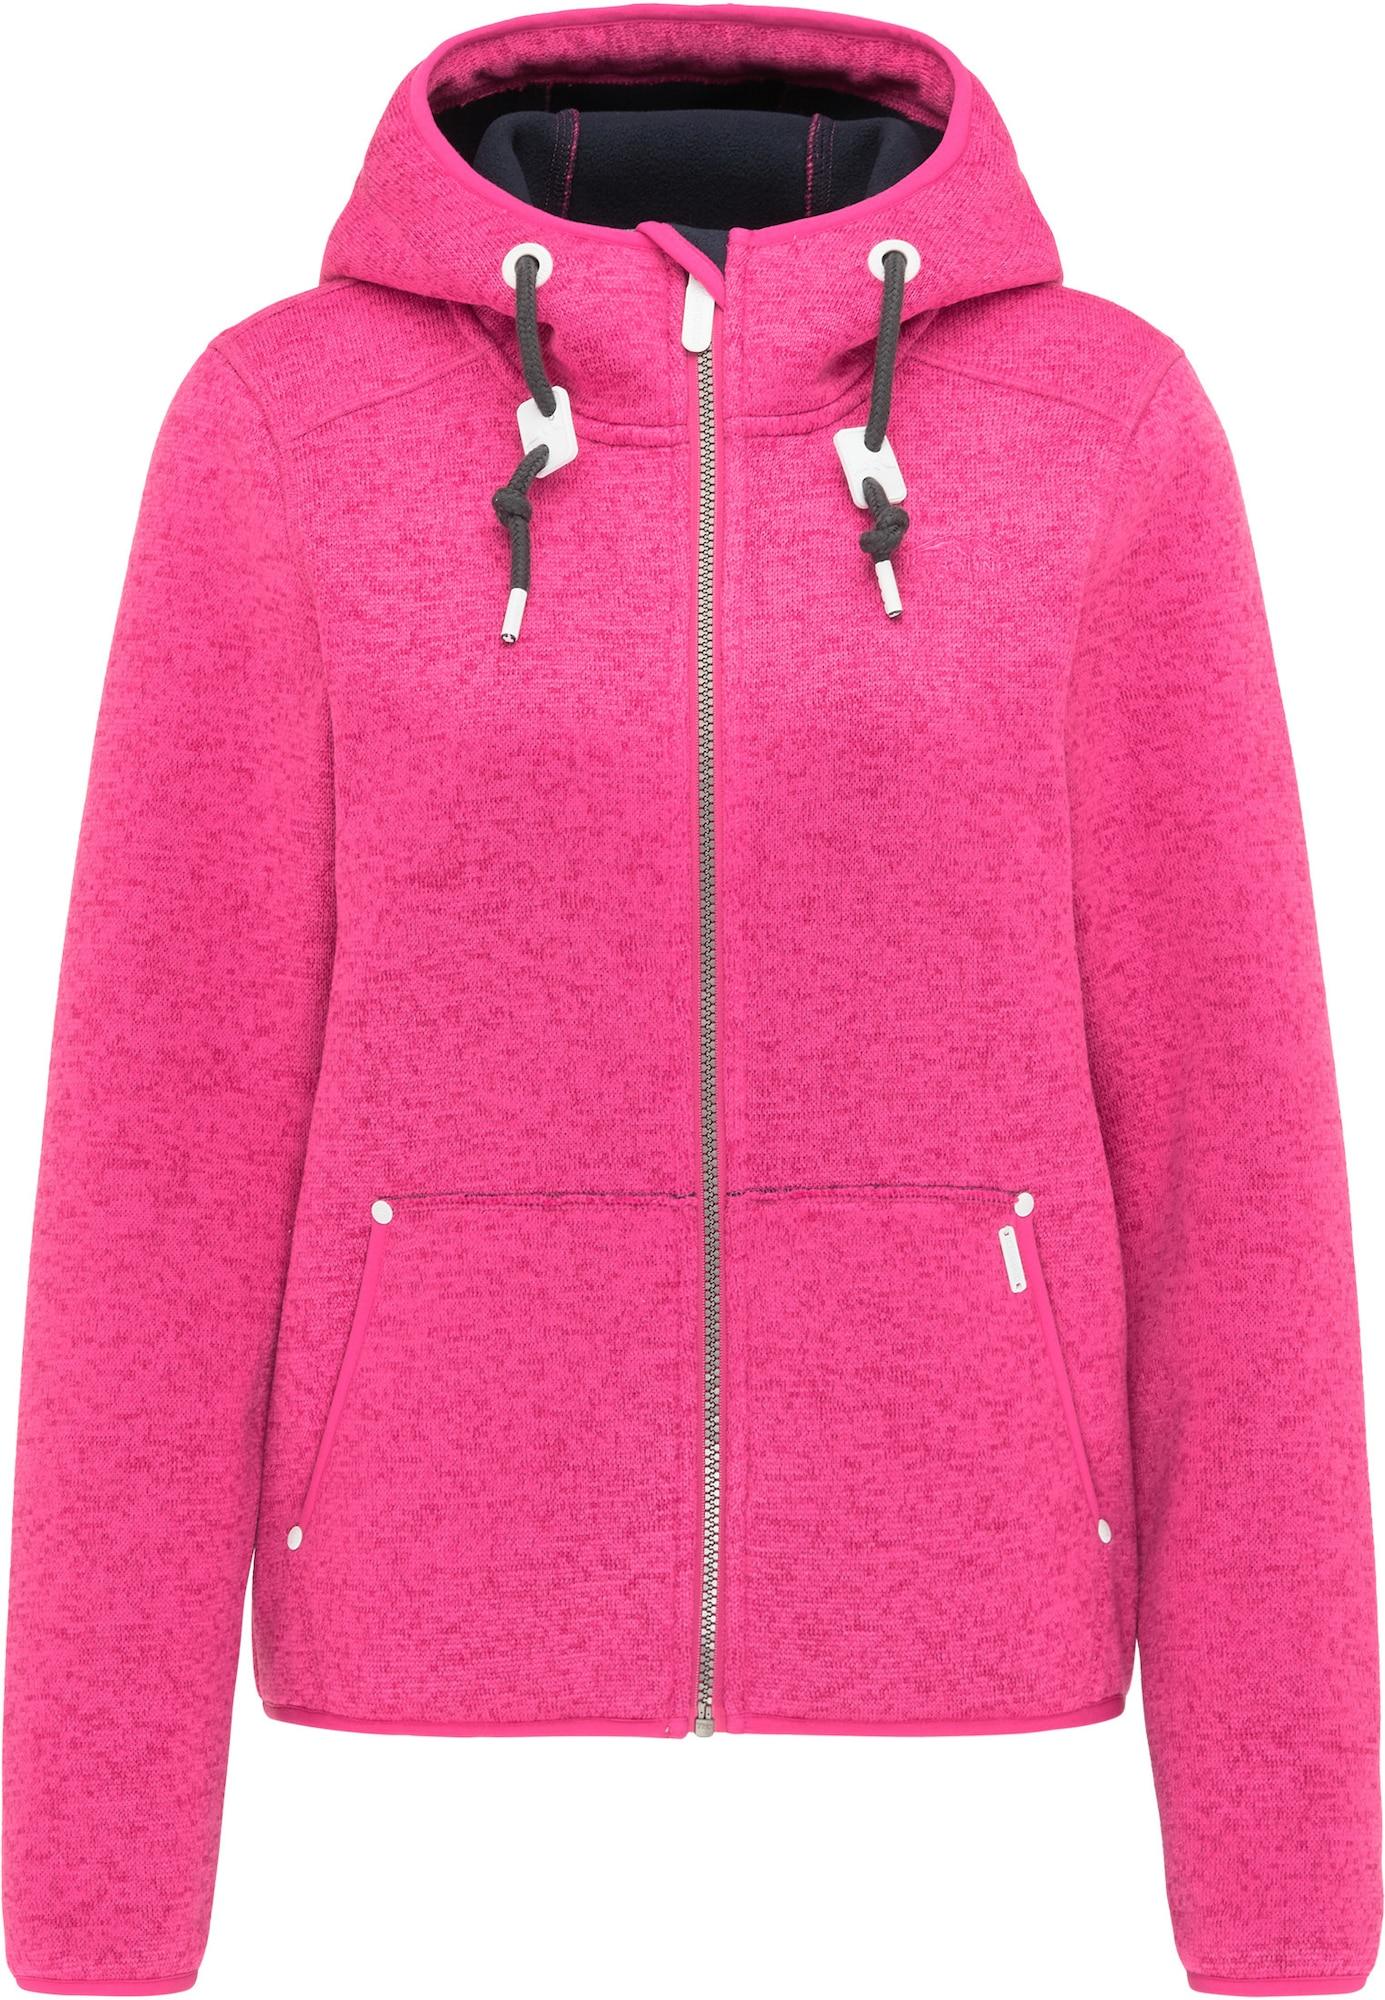 ICEBOUND Flisinis džemperis margai rožinė